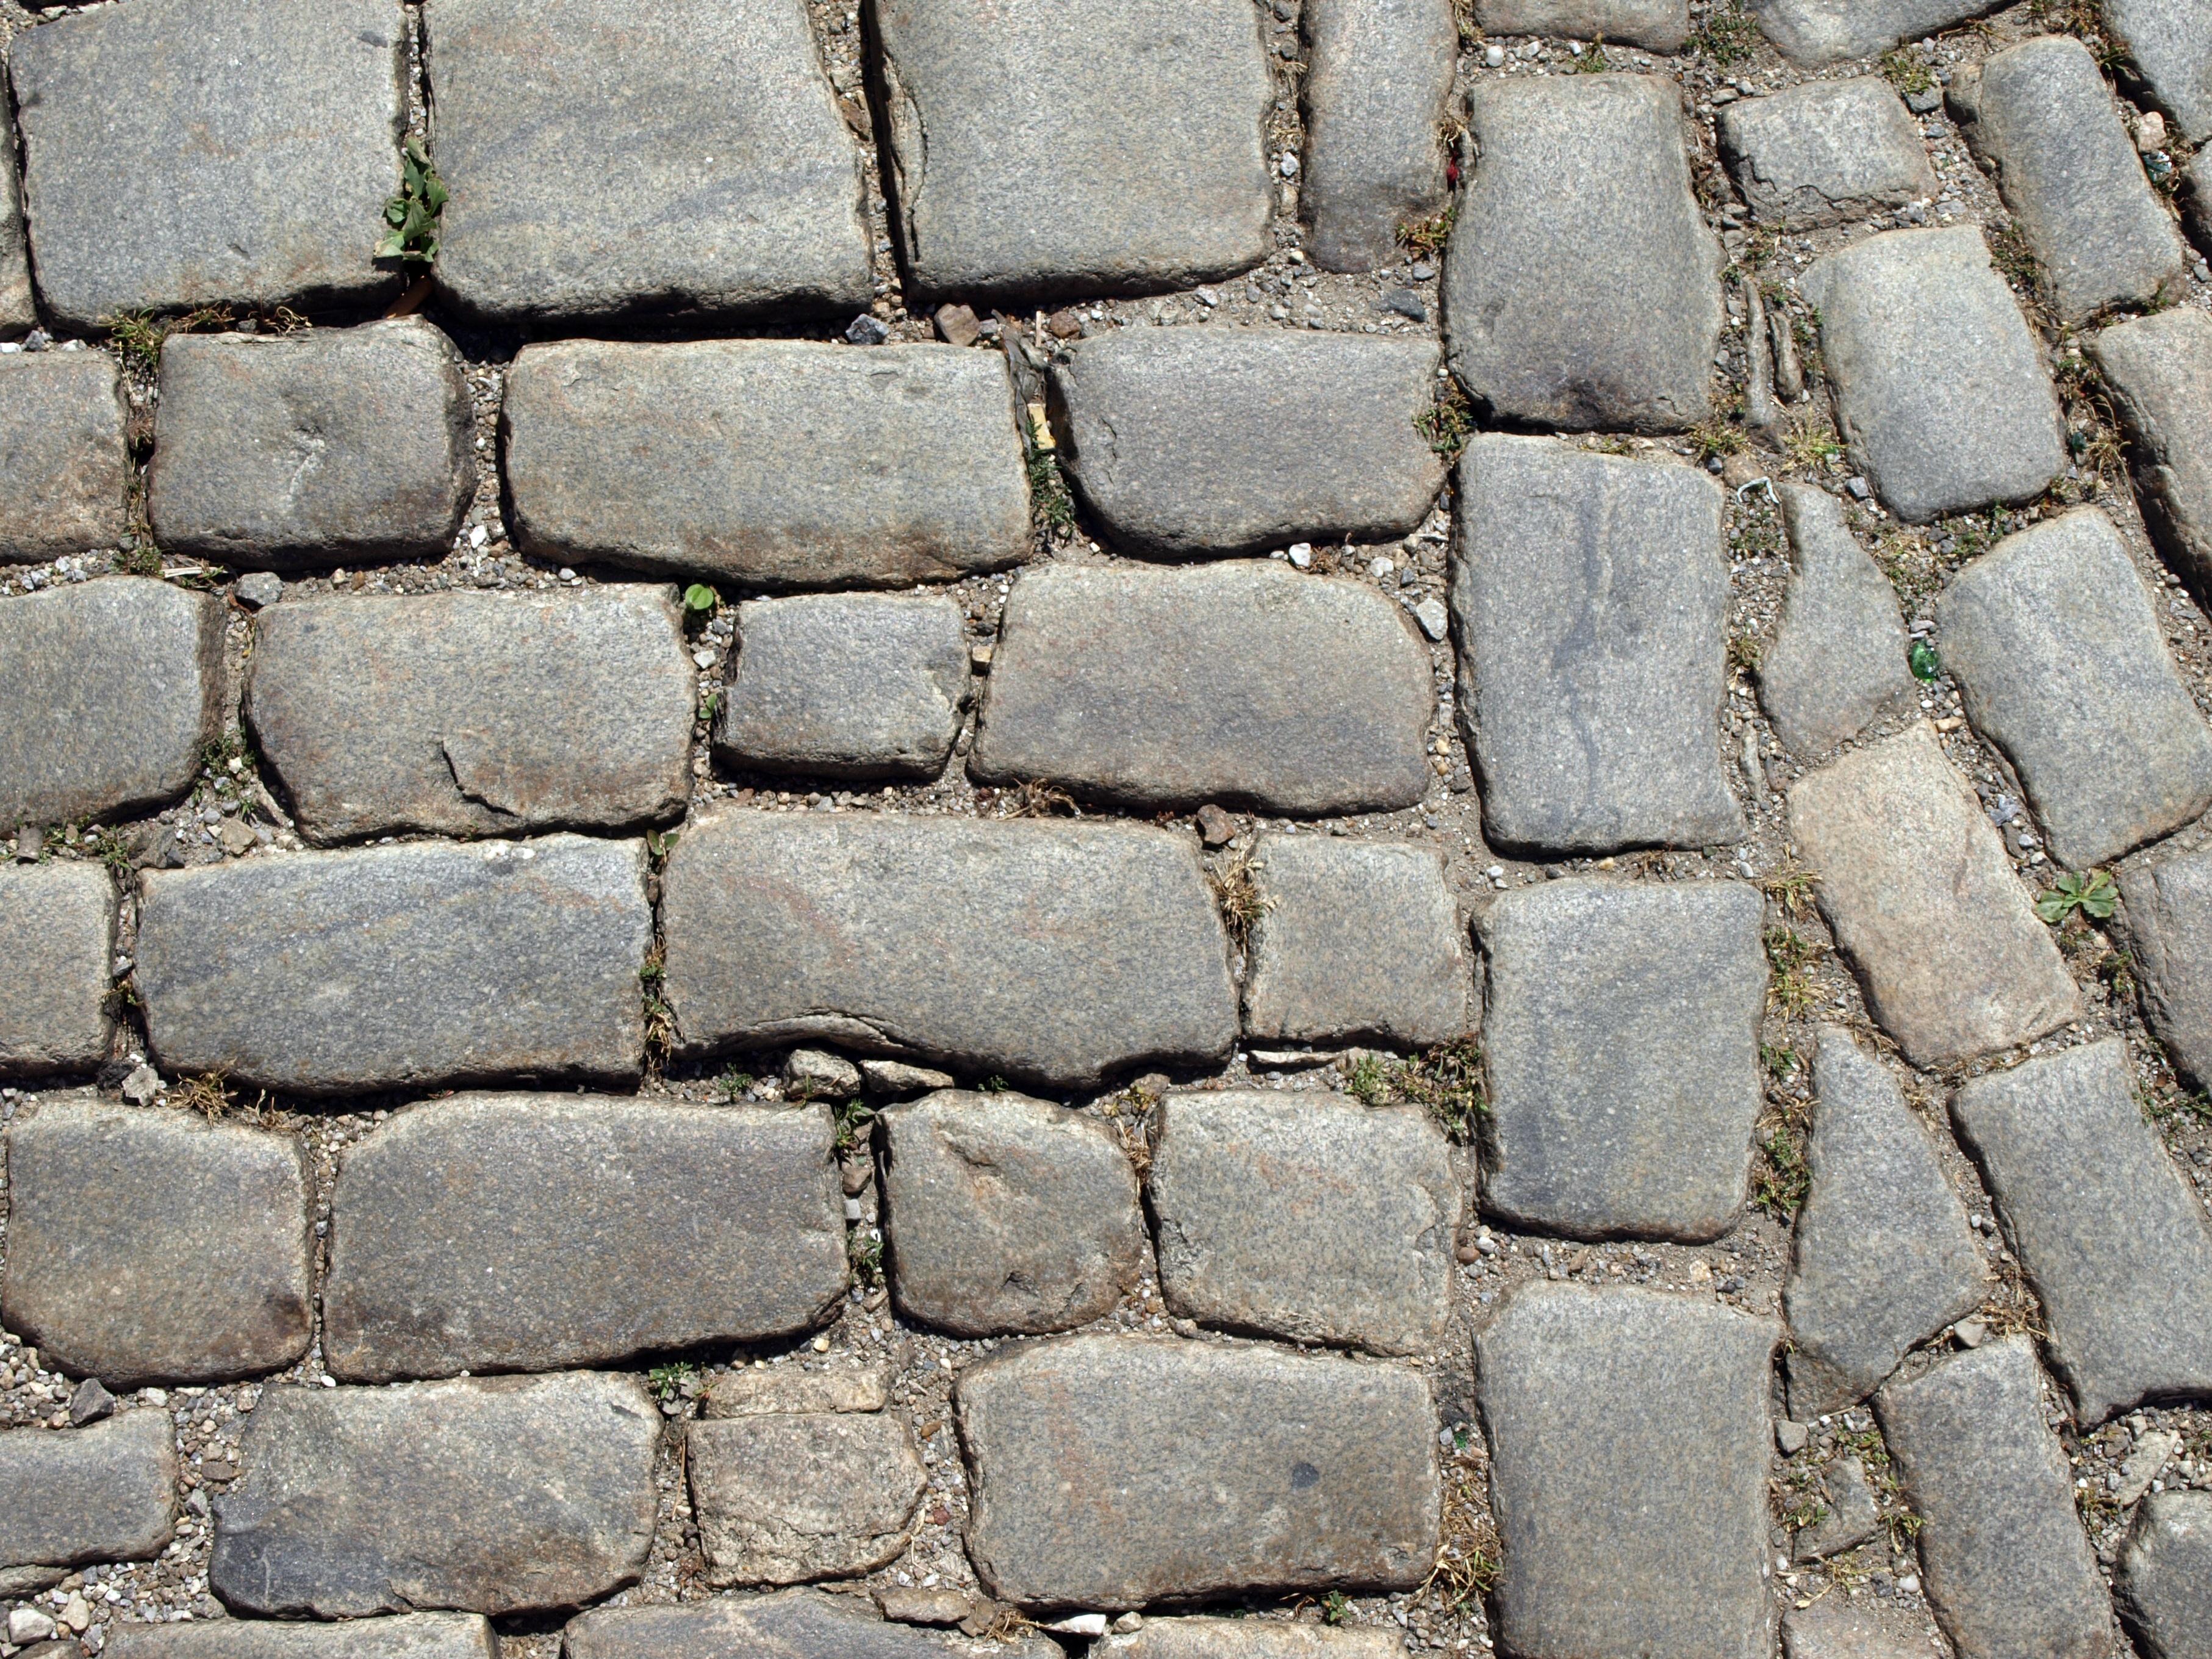 fotos gratis estructura la carretera suelo textura acera piso guijarro ciudad pared asfalto pavimento patrn pared de piedra ladrillo